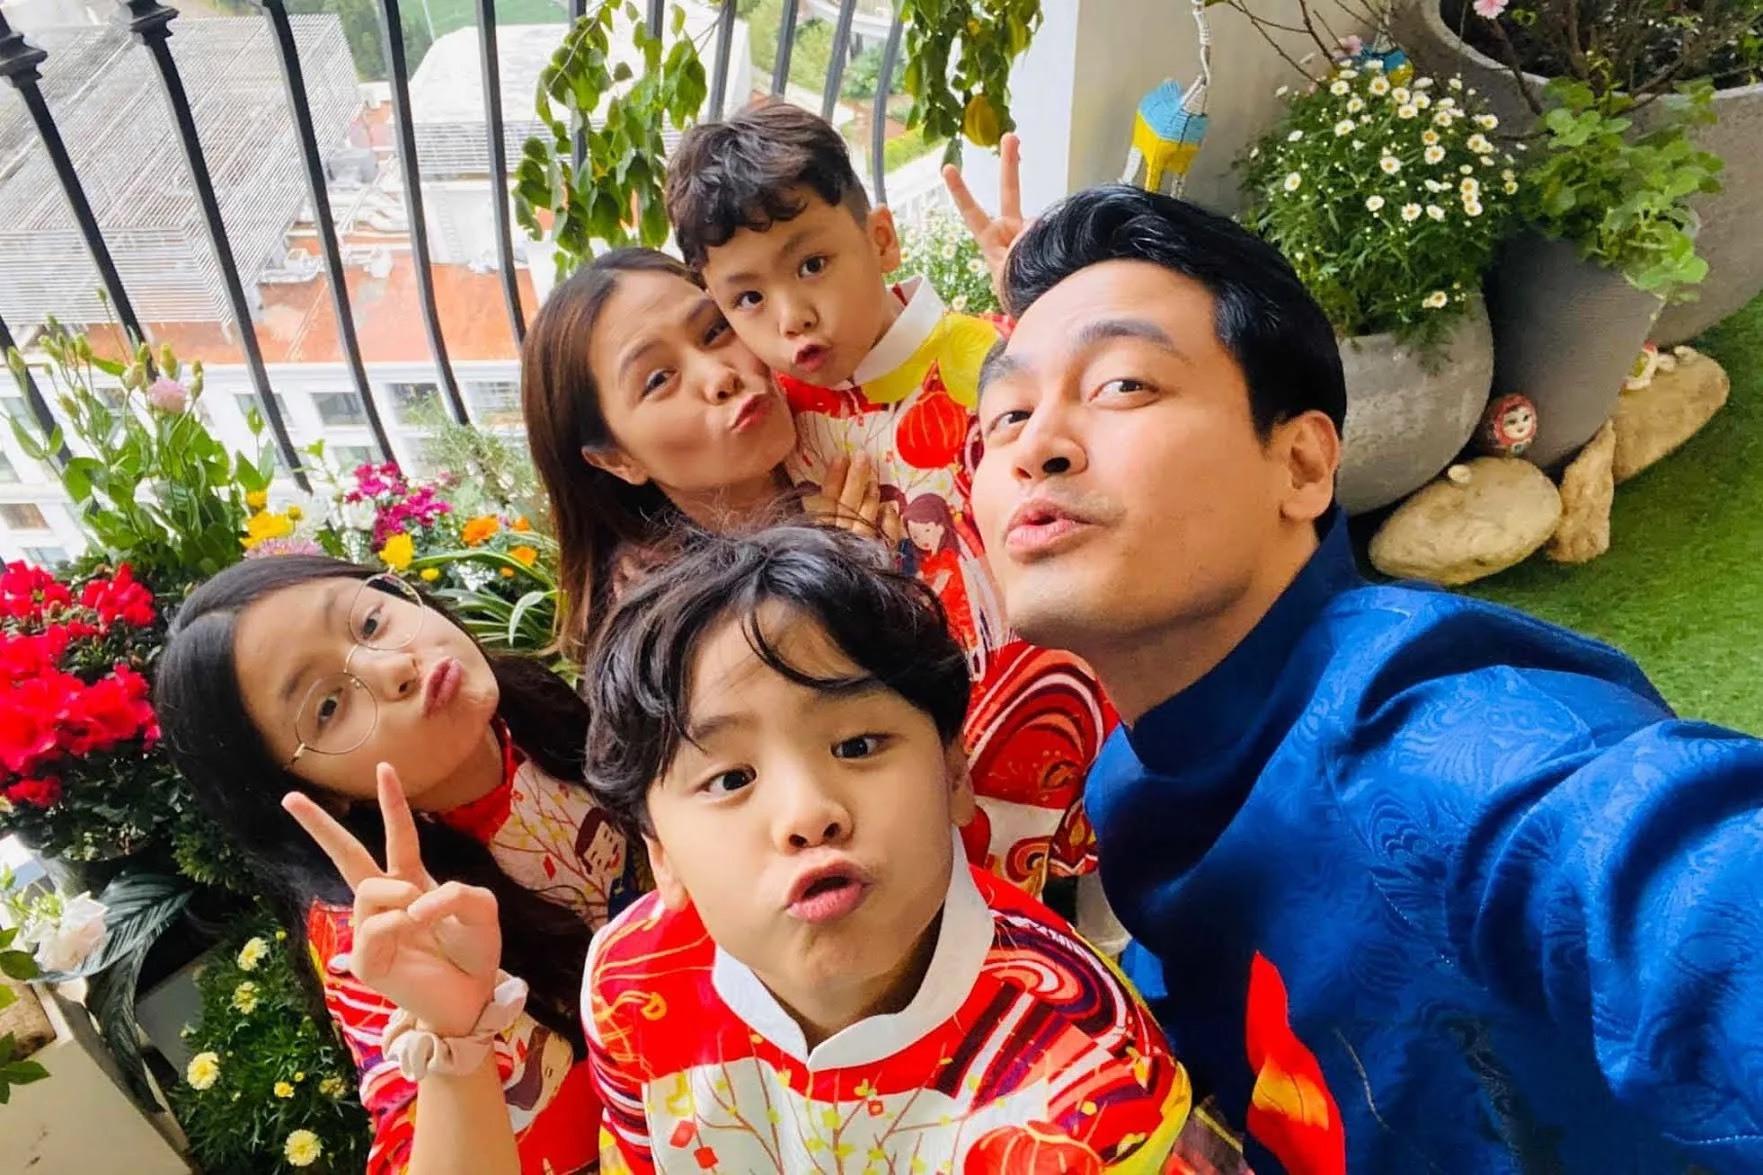 Con gái MC Phan Anh xinh đẹp và yêu thích thời trang